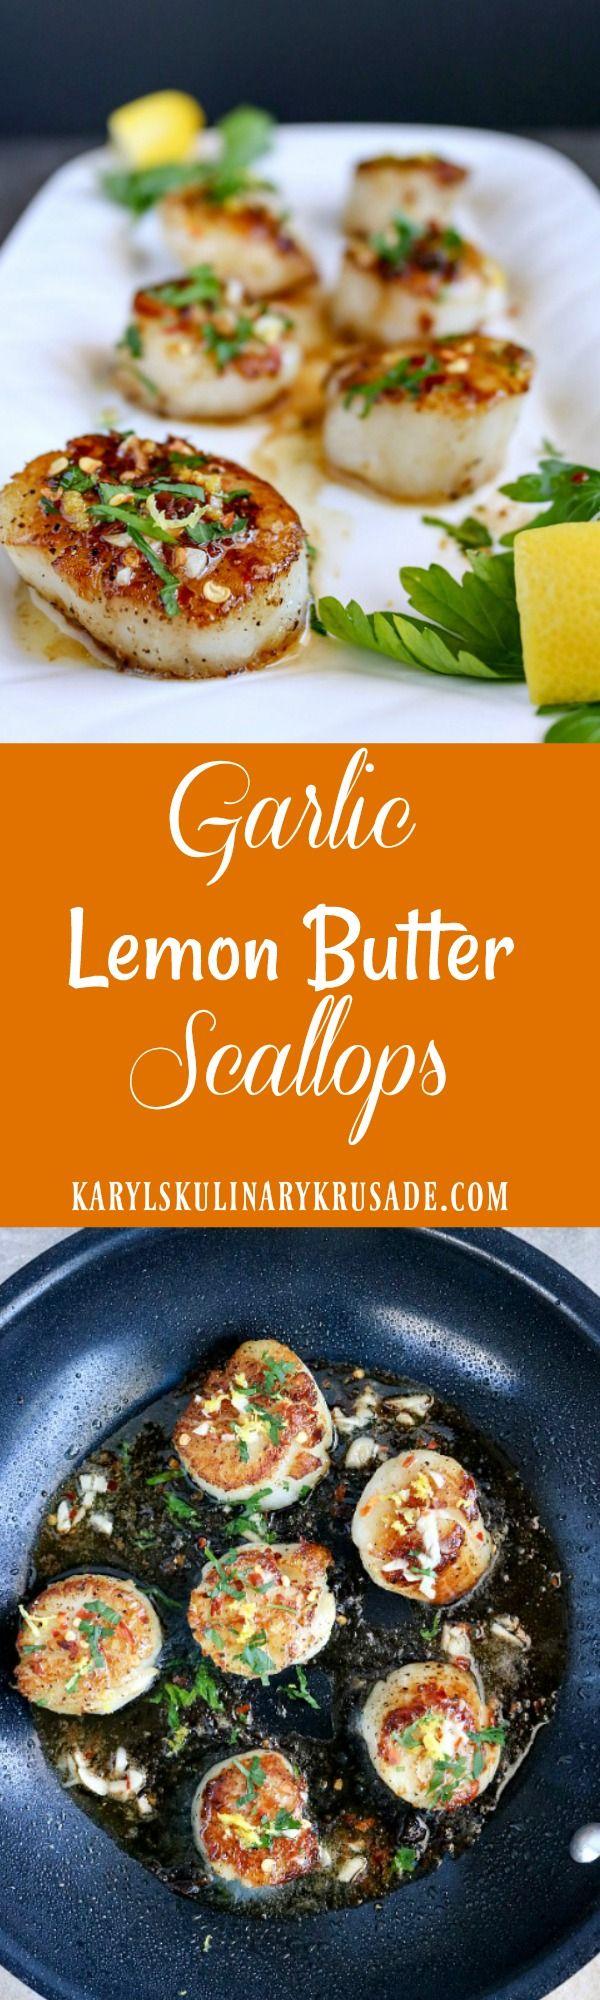 Garlic Lemon Butter Scallops. The butter creates t…